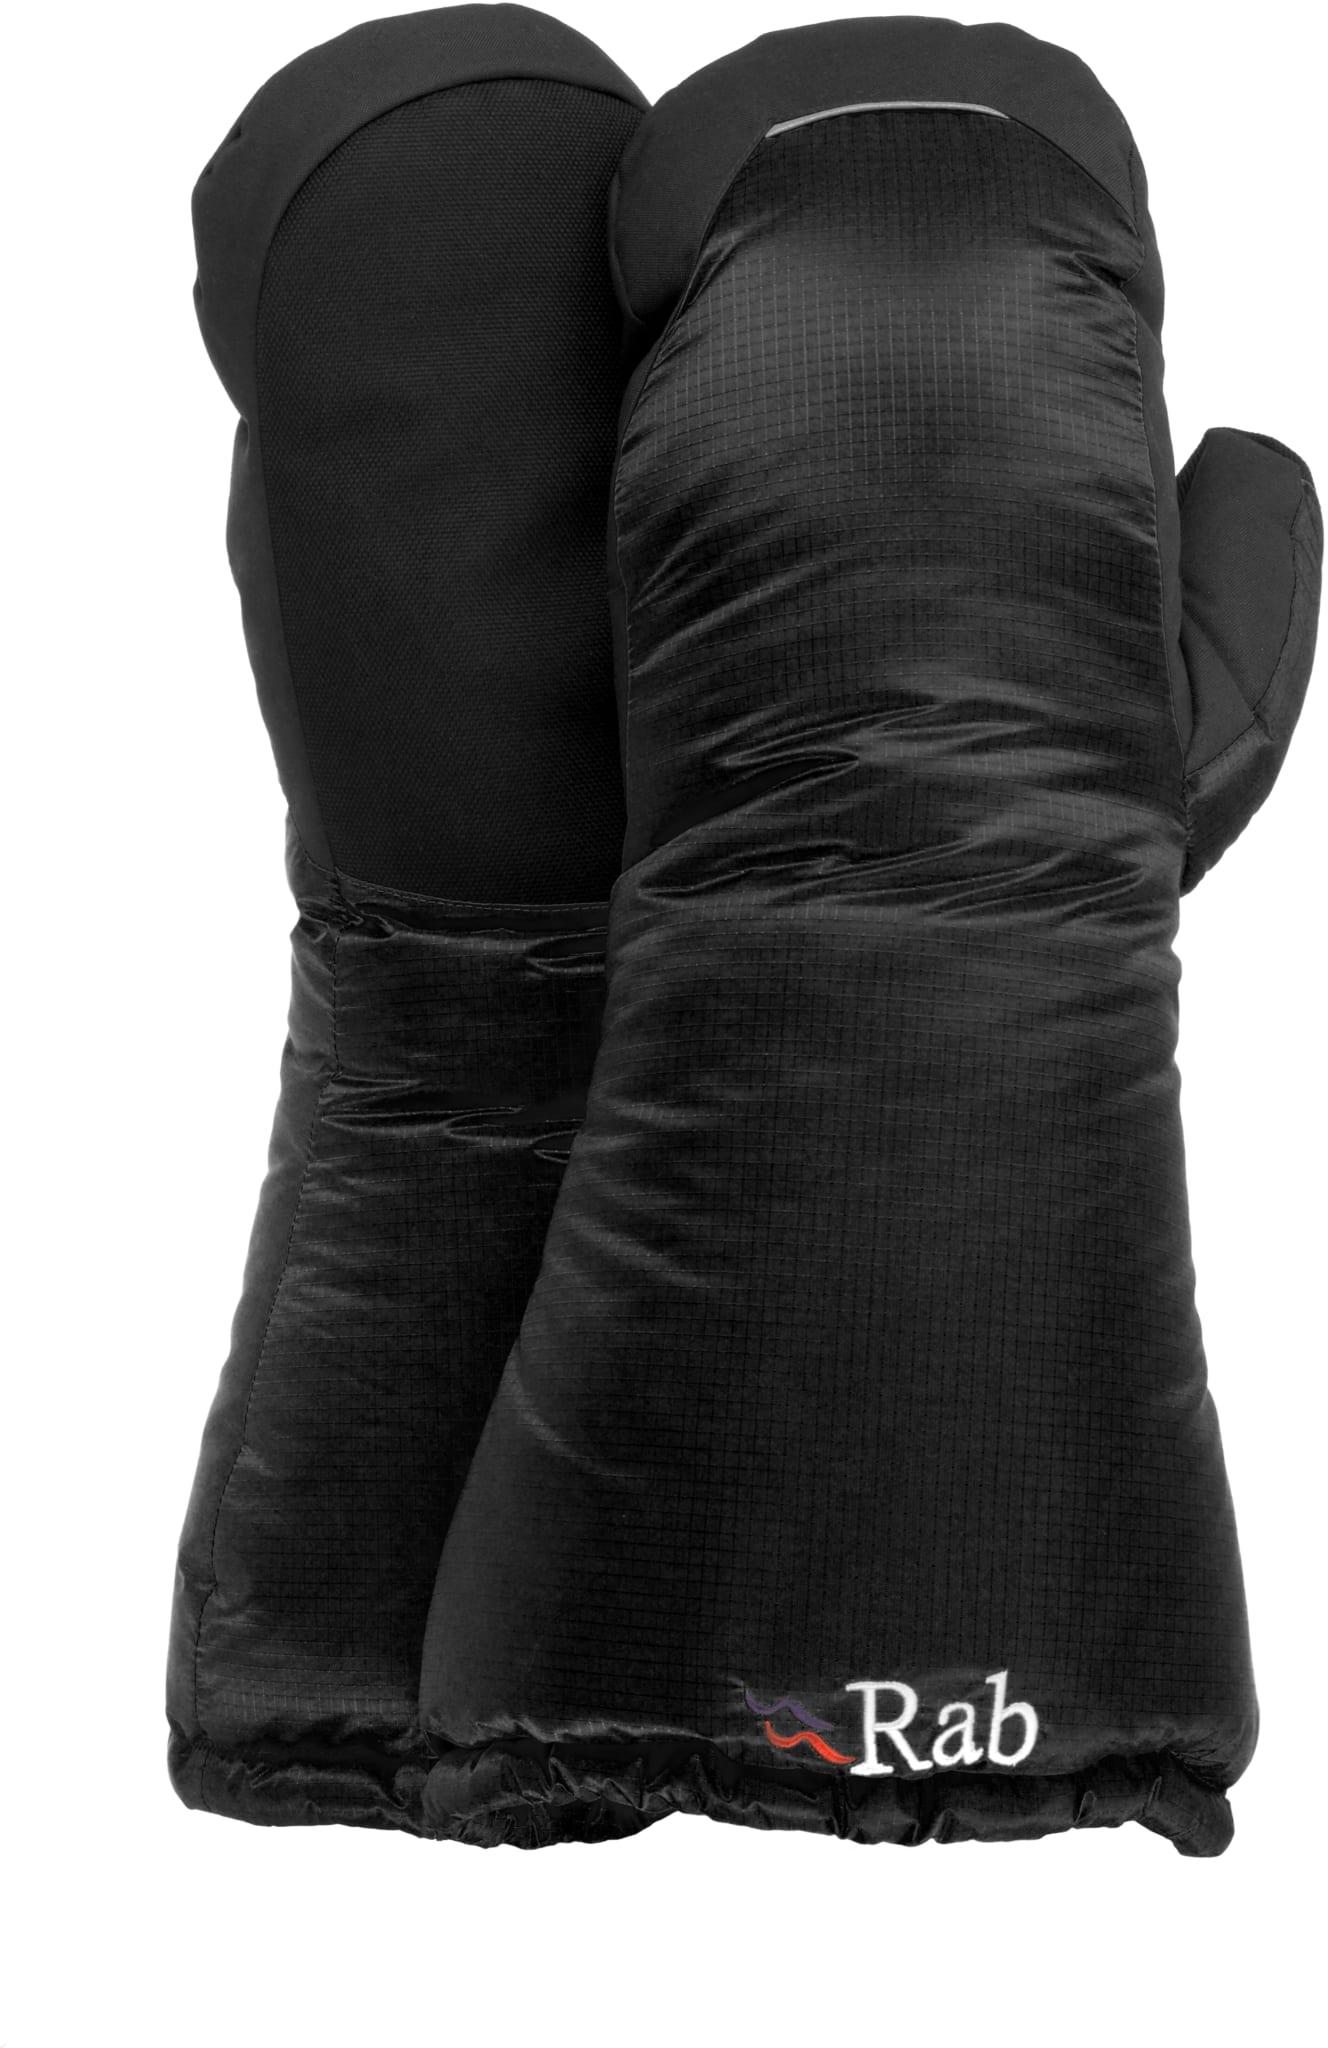 Svært varm dunvott med forsterket grep i håndflaten